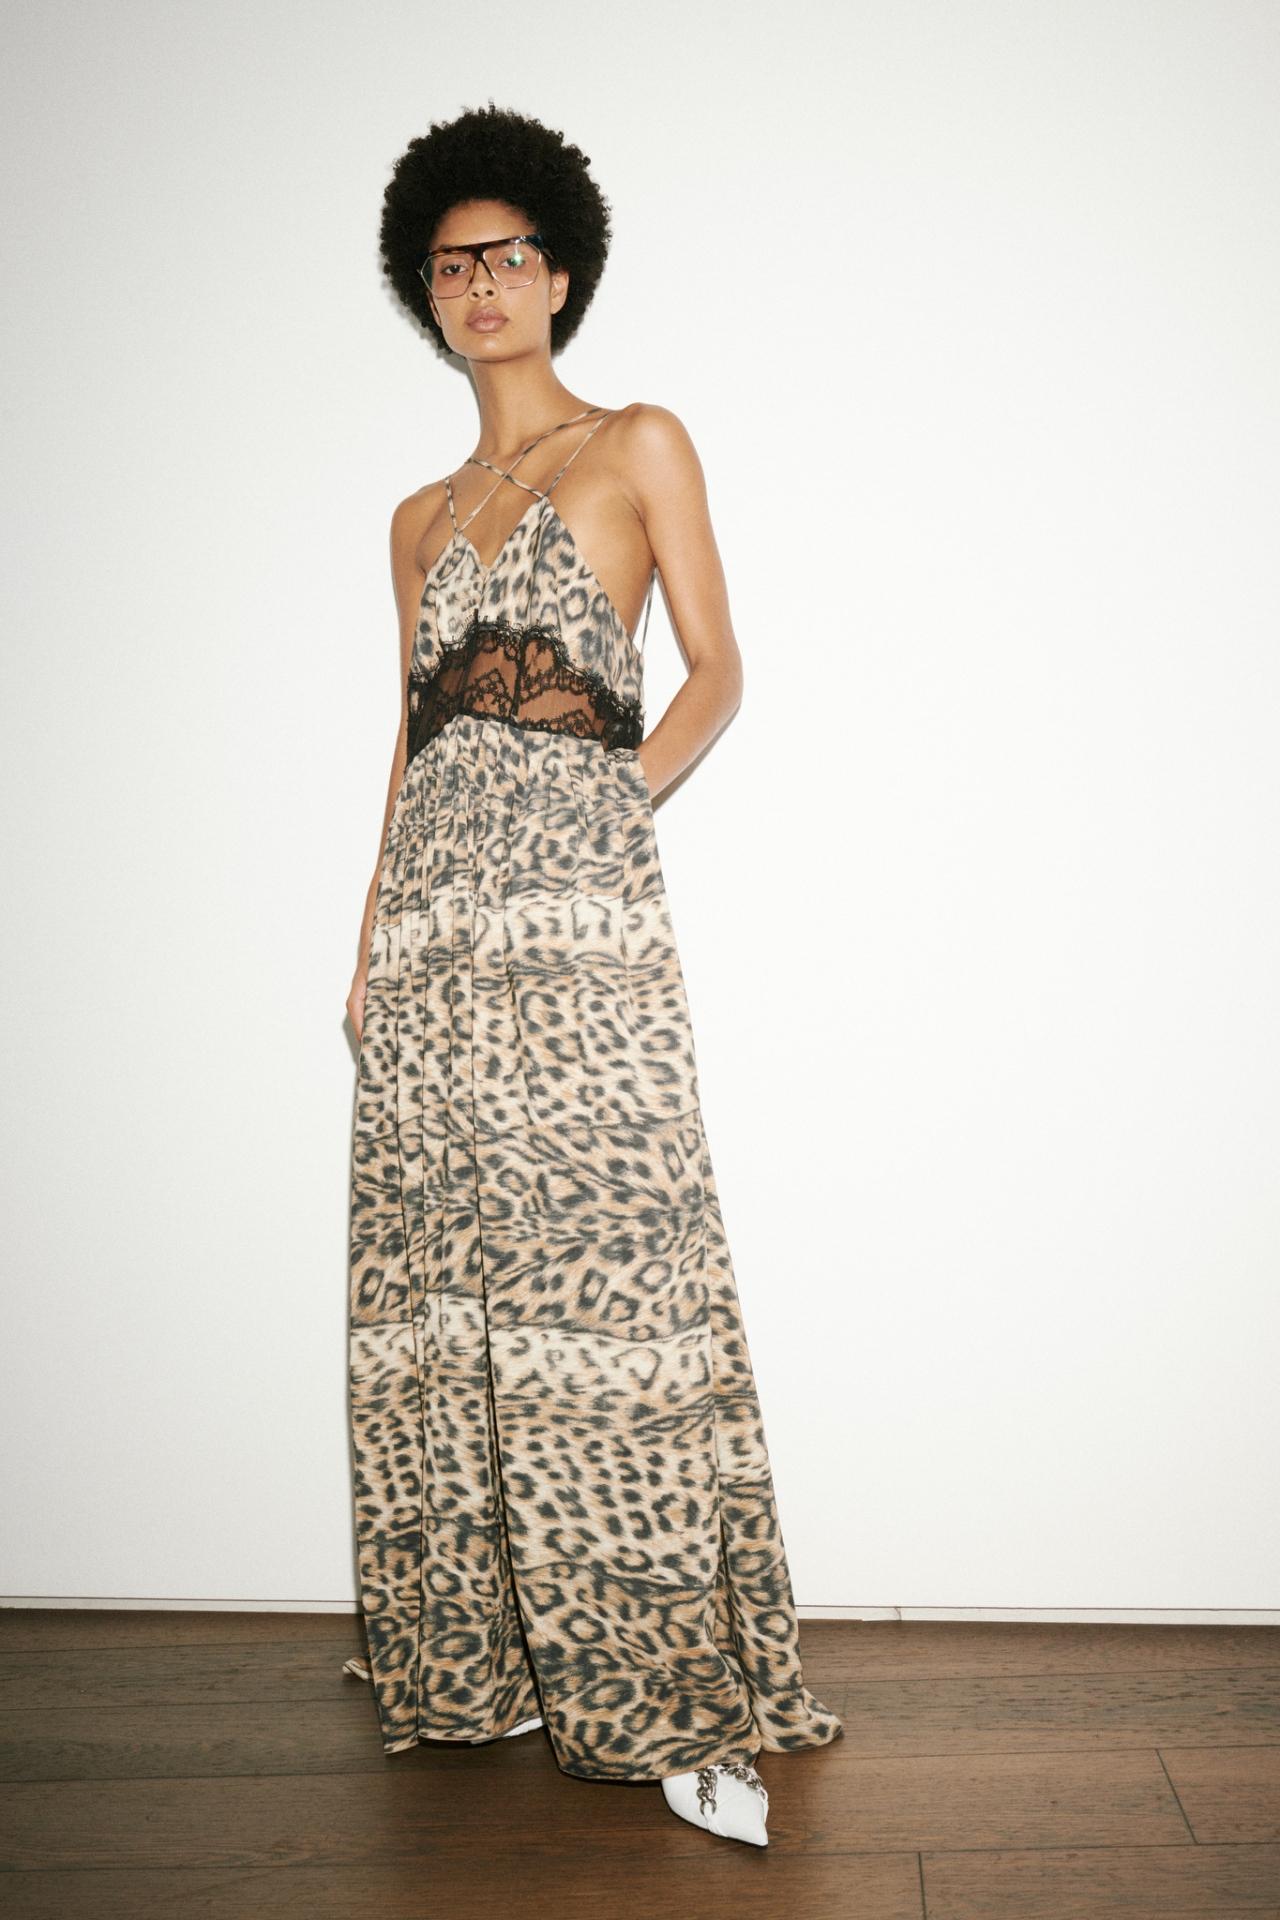 Безупречный стиль и яркие акценты: Виктория Бекхэм представила новую коллекцию (ФОТО) - фото №6